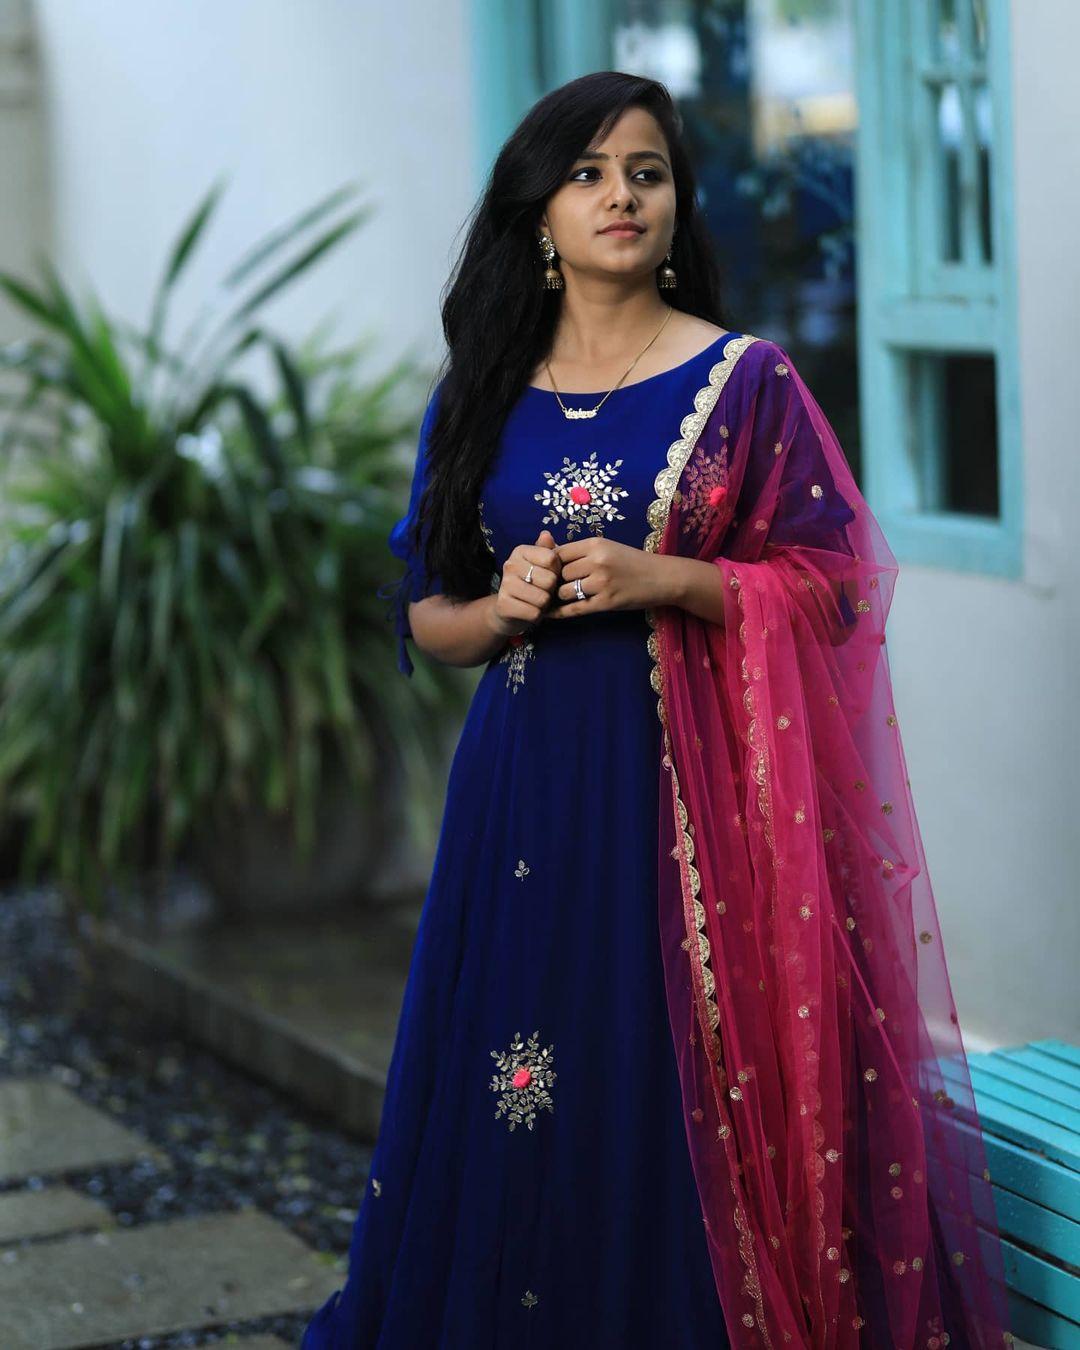 వైష్ణవి చైతన్య క్యూట్ ఫోటోషూట్ (vaishnavi chaitanya/Instagram)